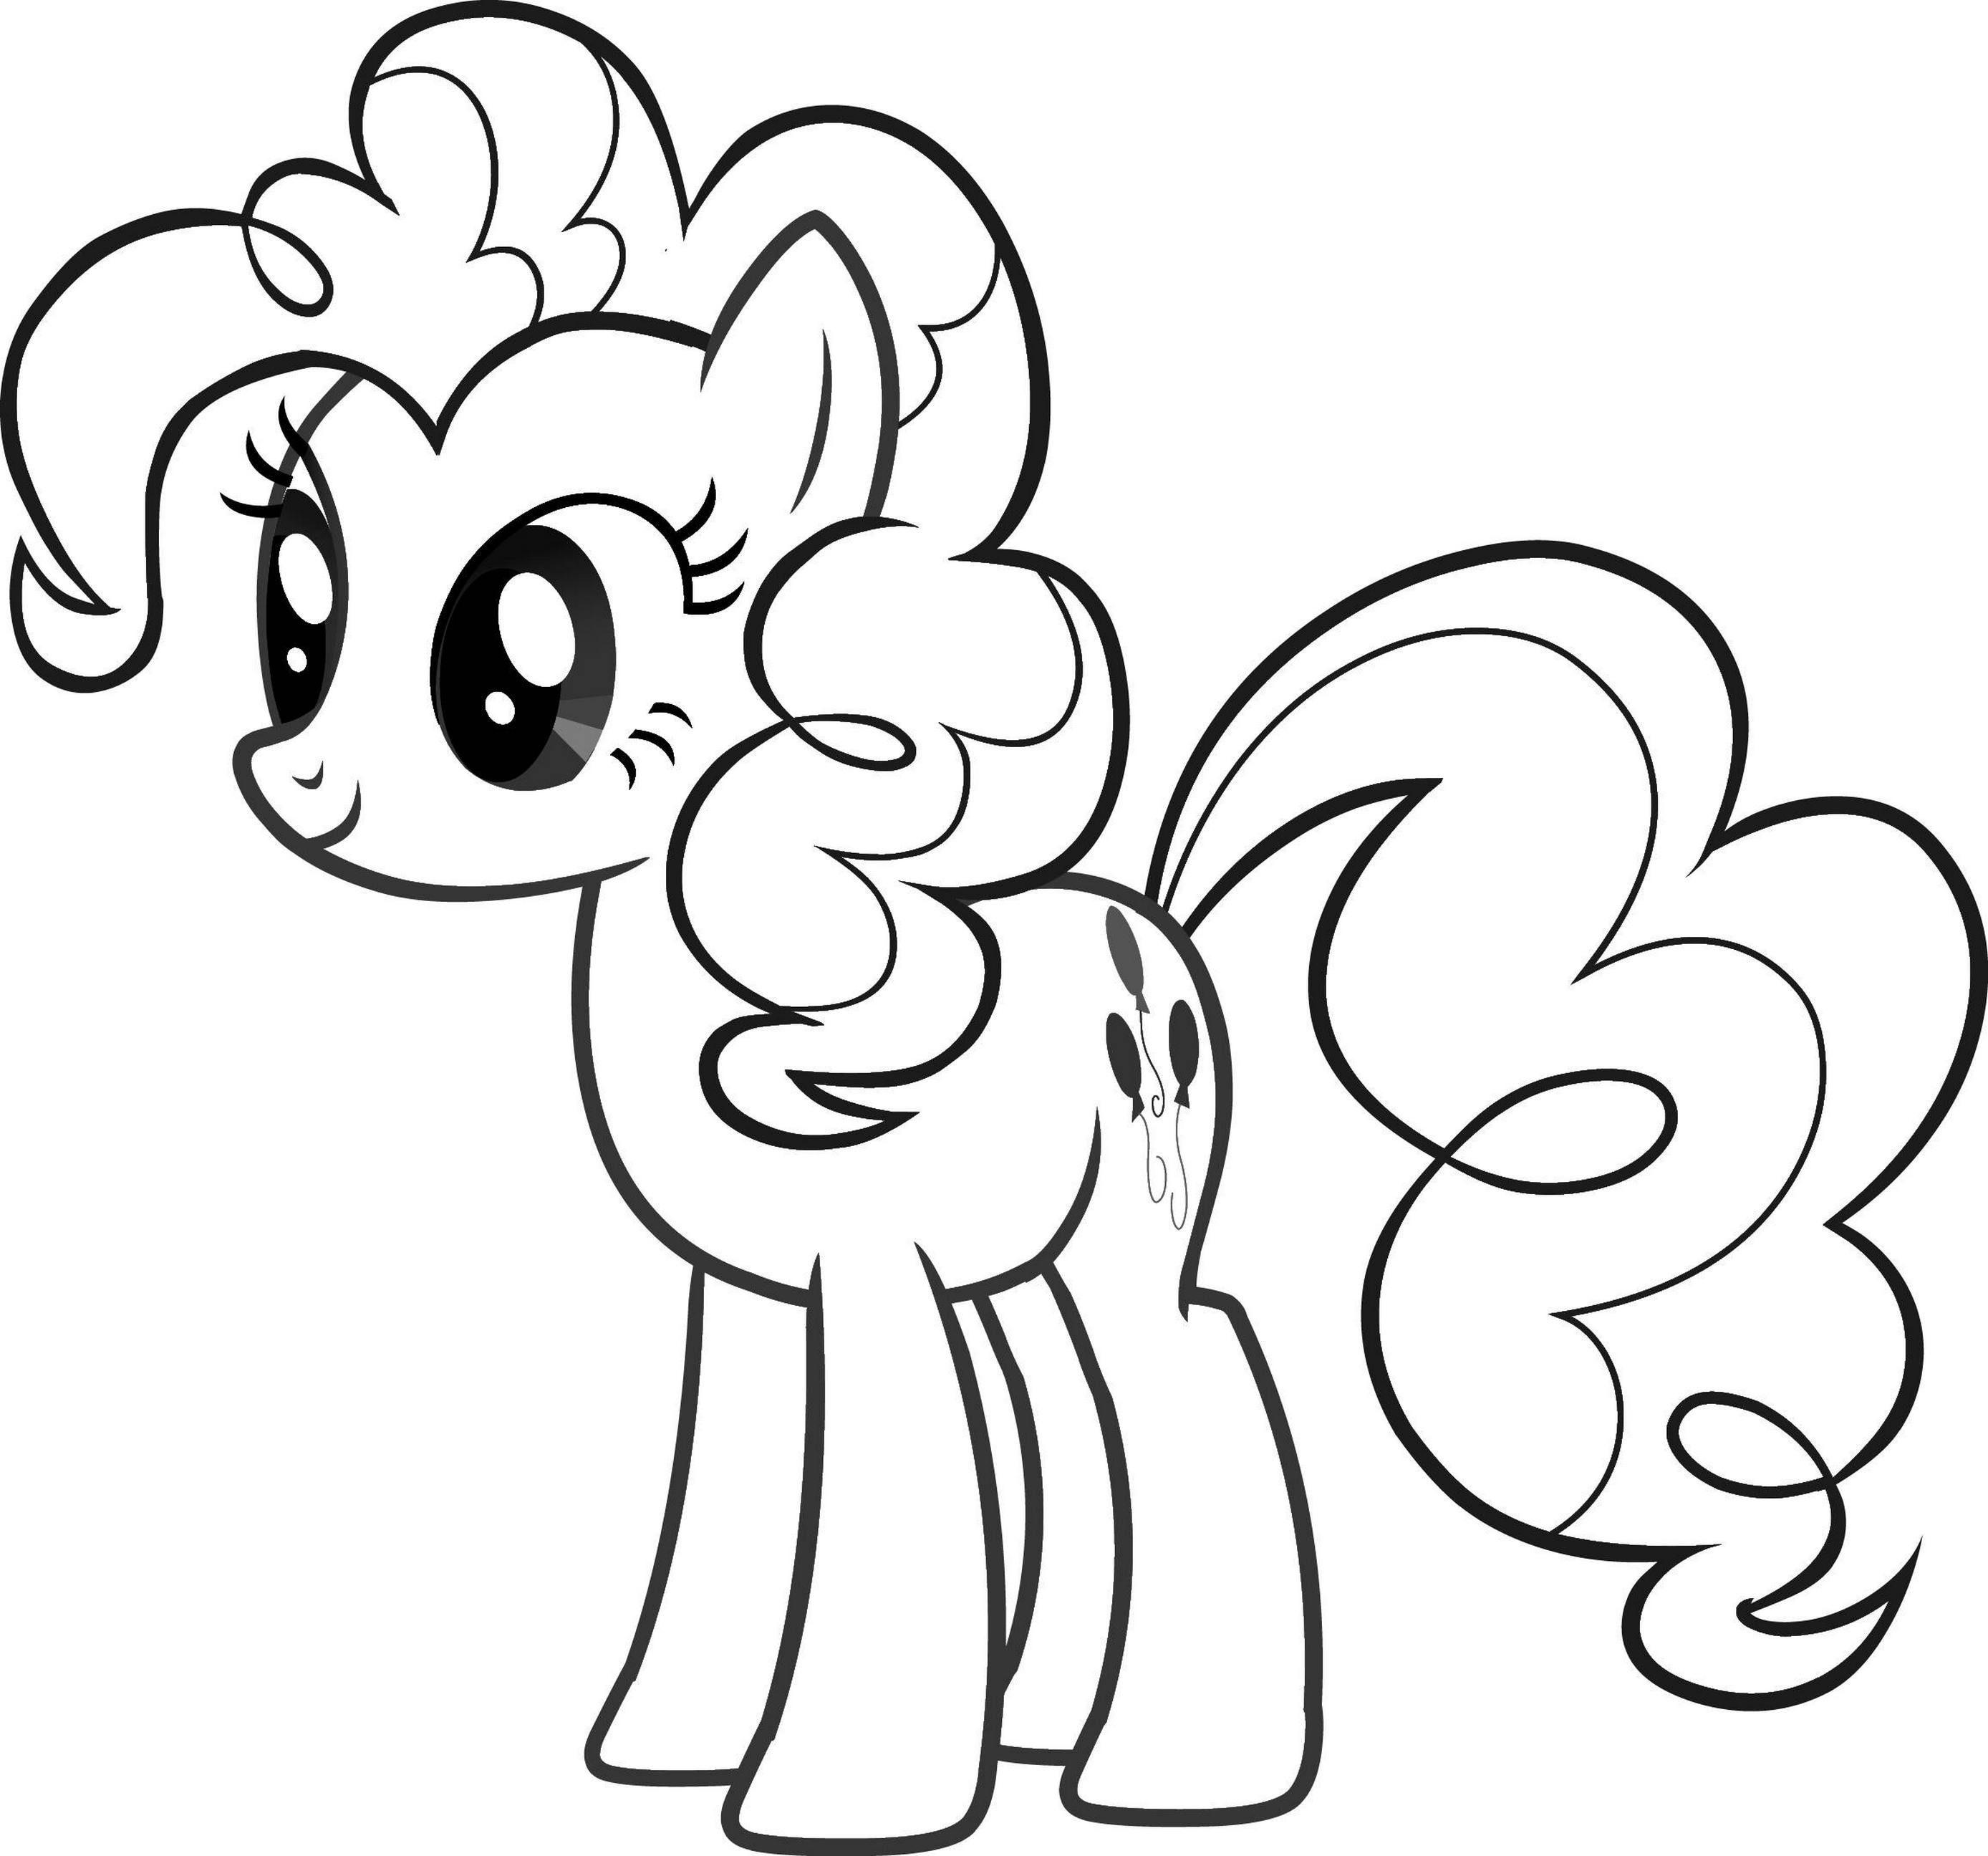 trah-to-mau-pony